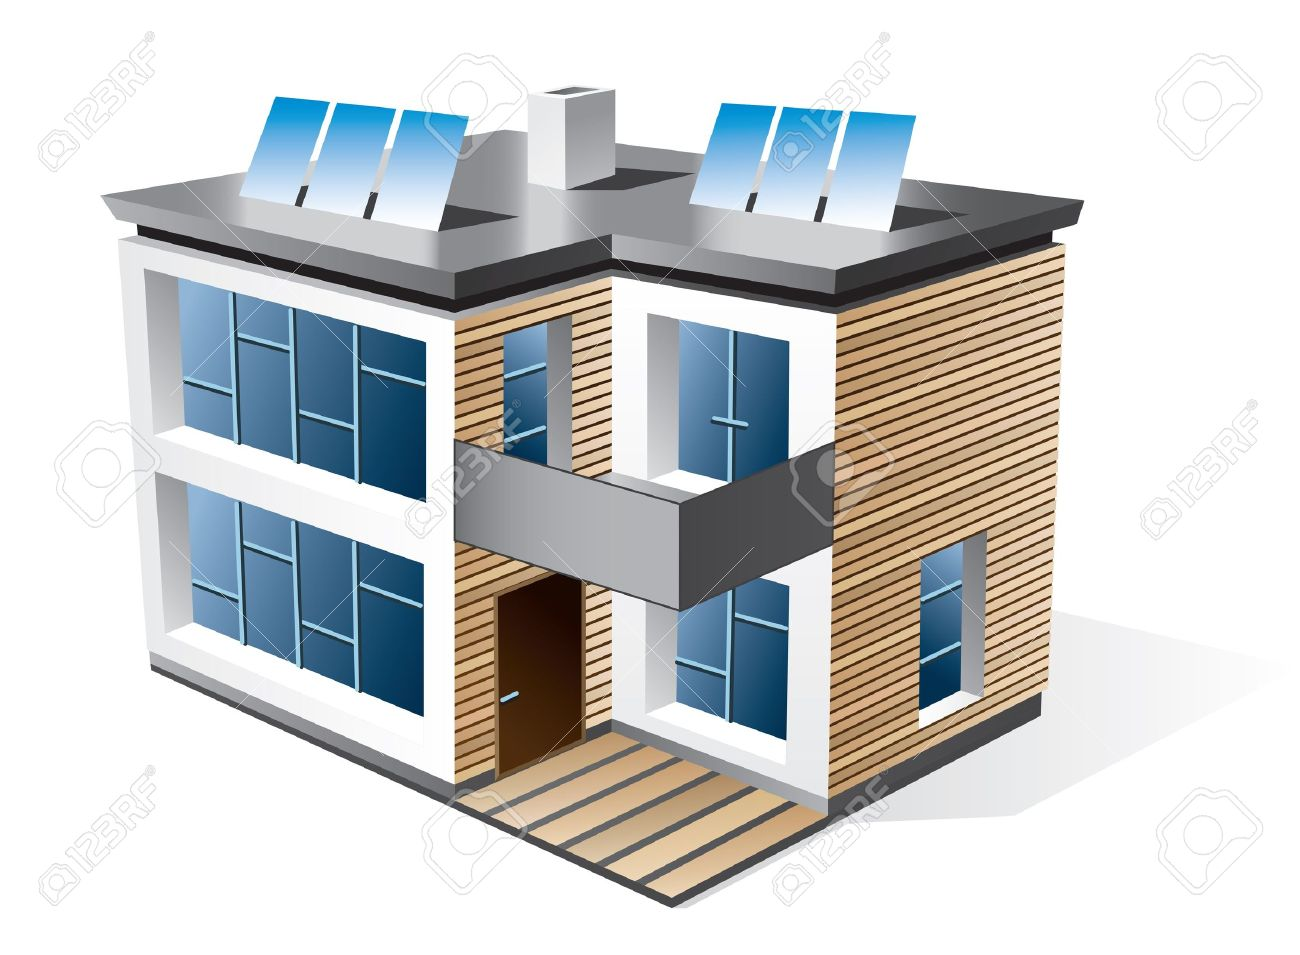 Geïsoleerde 3d pictogram van de moderne eengezinswoning met houten